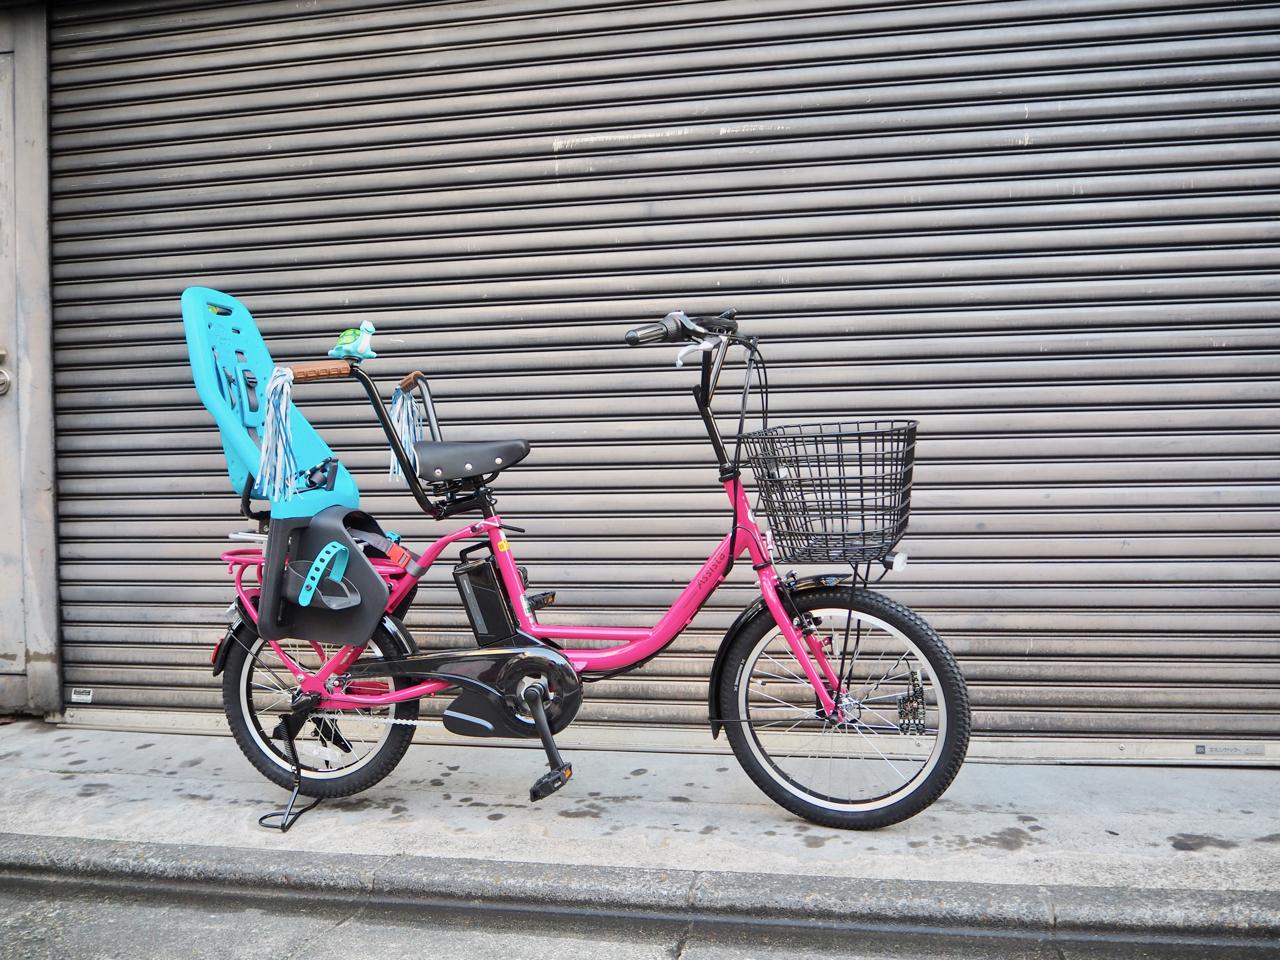 アシスタベーシックミニ,ブリヂストン,電動自転車,チャイルドシート,イェップ,yepp